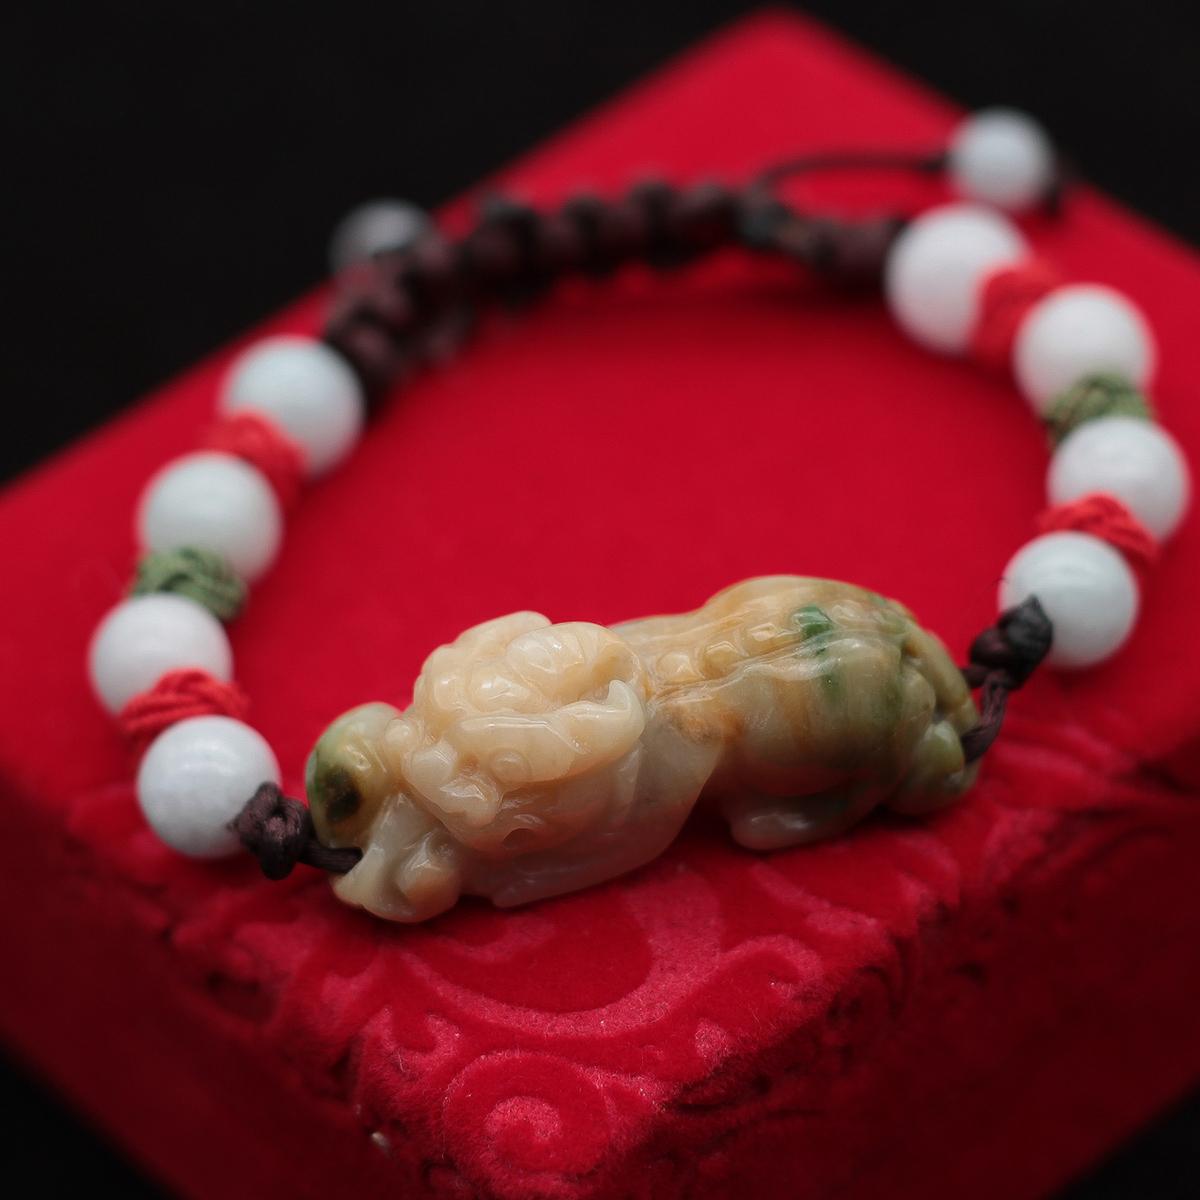 玉器缅甸貔貅天然A货翡翠糯种黄翡飘绿如意招财特价手牌链包邮